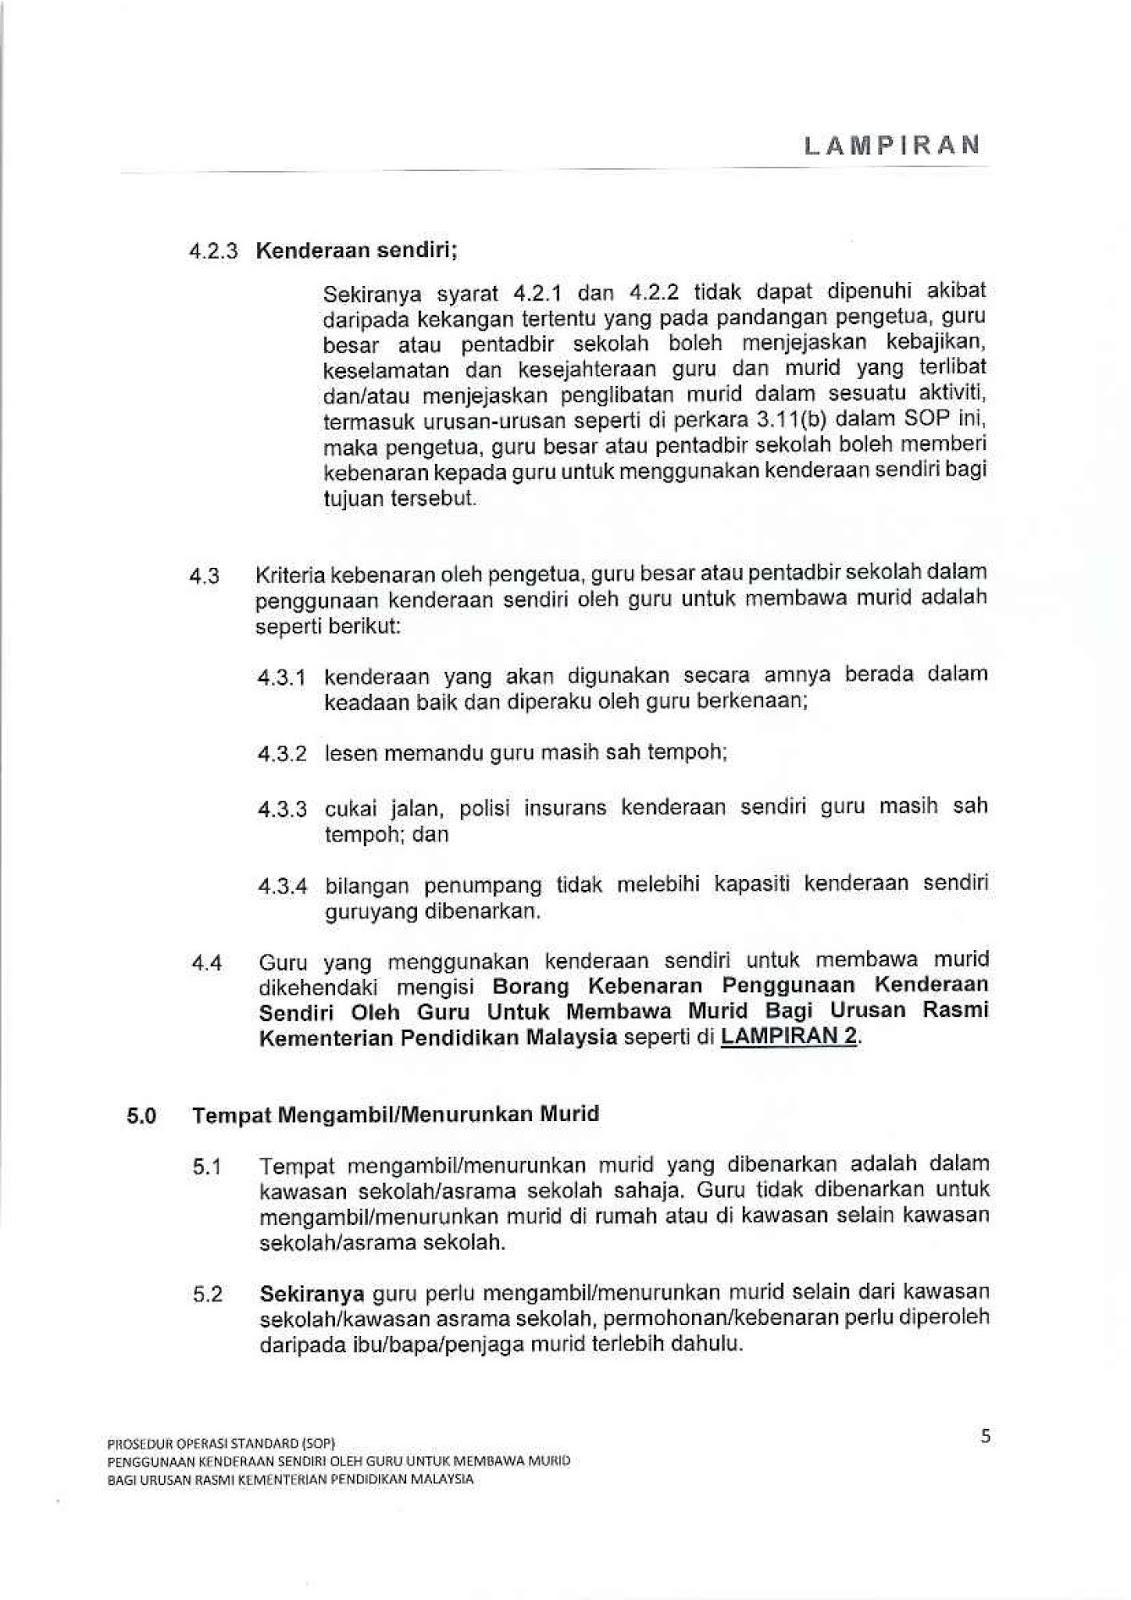 Sop Guna Kenderaan Sendiri Bawa Murid Untuk Urusan Rasmi Mengikut Spi Bil 3 2019 Munaz Bagus